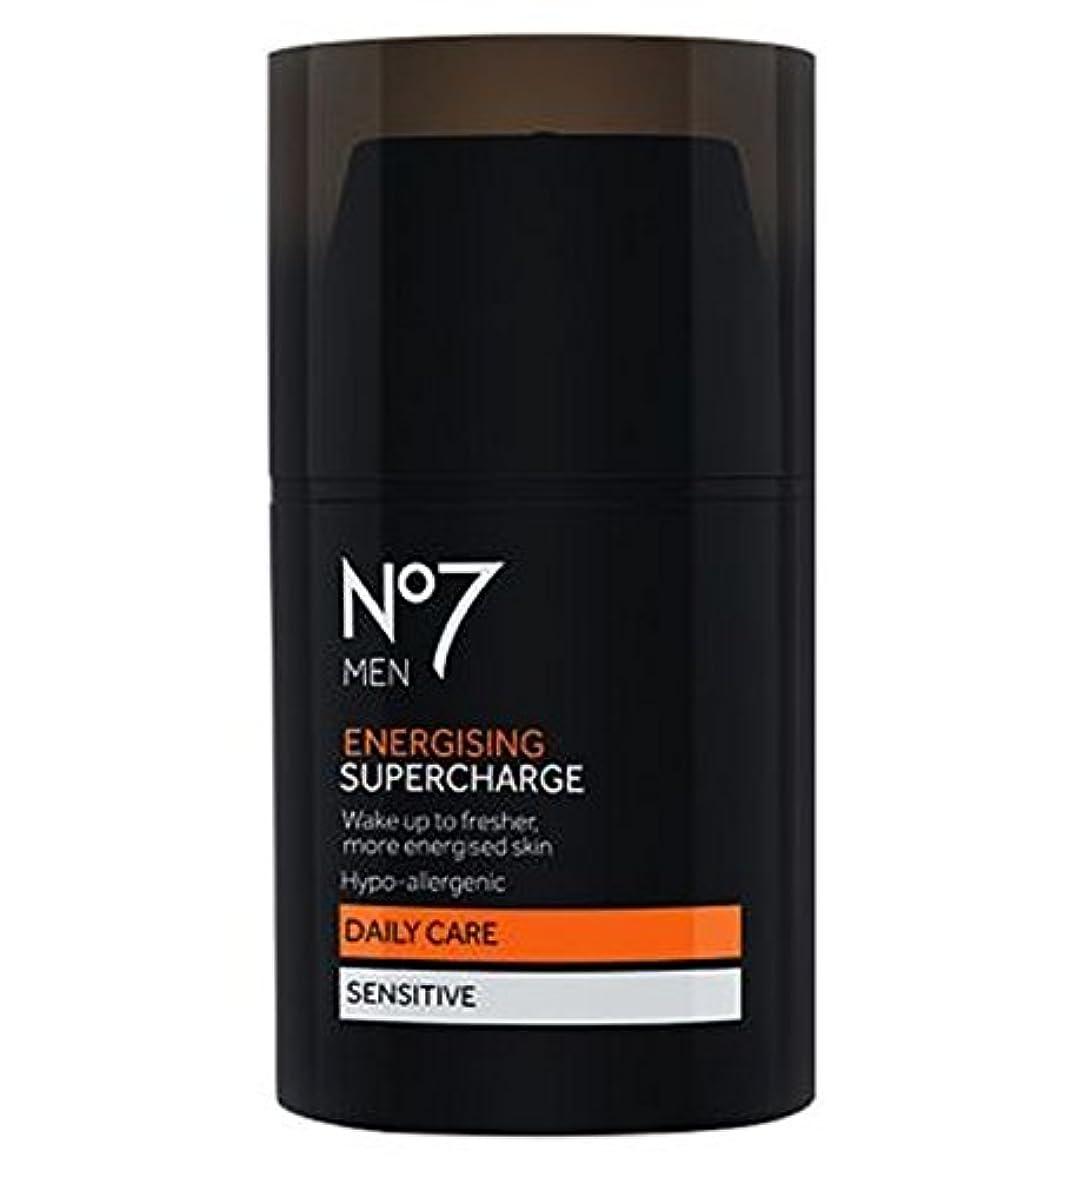 テクスチャーはげ大理石No7 Men Energising Supercharge - 過給を通電No7の男性 (No7) [並行輸入品]